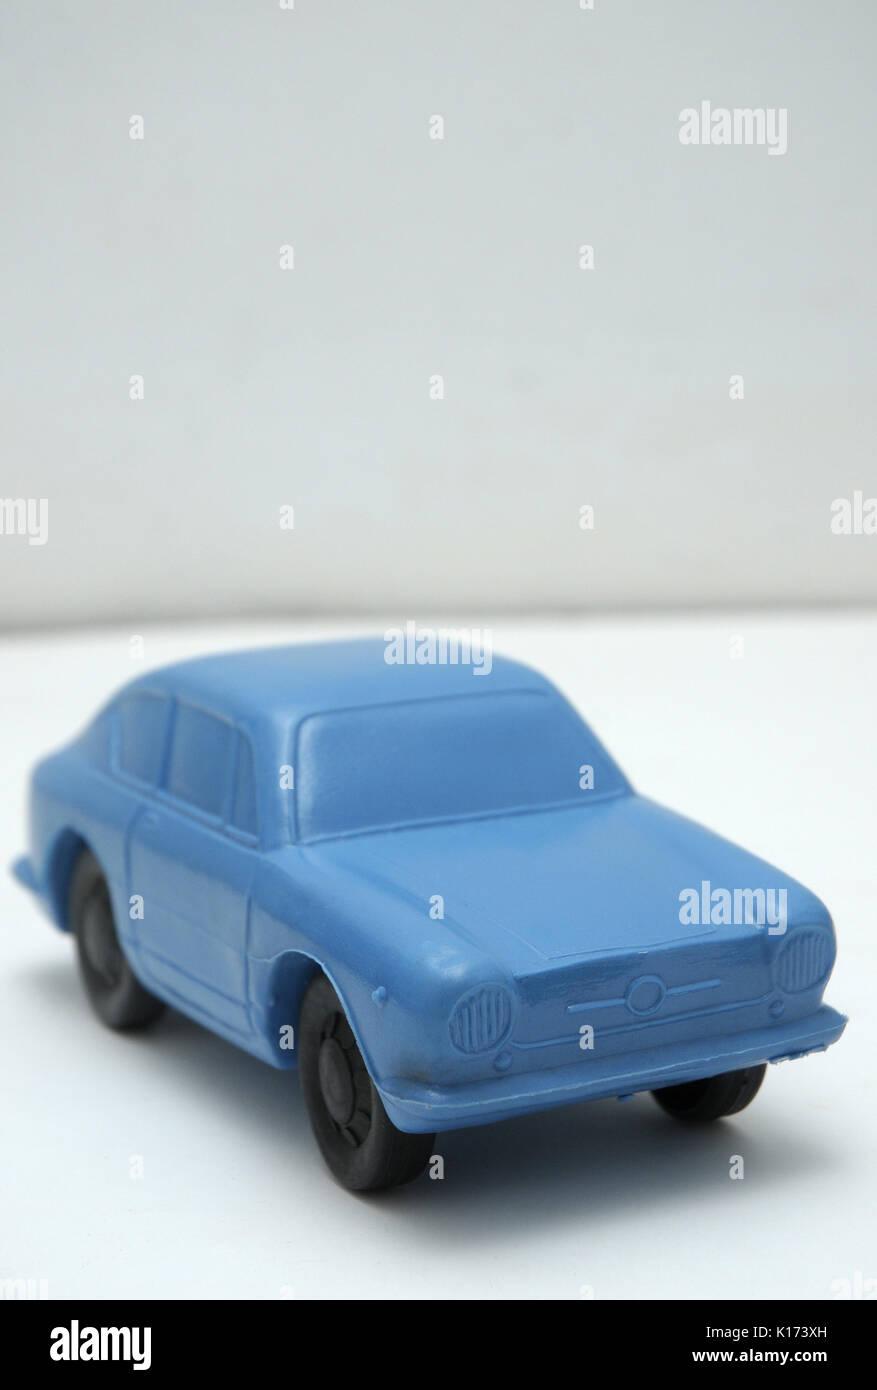 Coche azul realizados en plástico material sintético, obtenido por polimerización de carbono, que pueden ser moldeadas por calor o presión Imagen De Stock